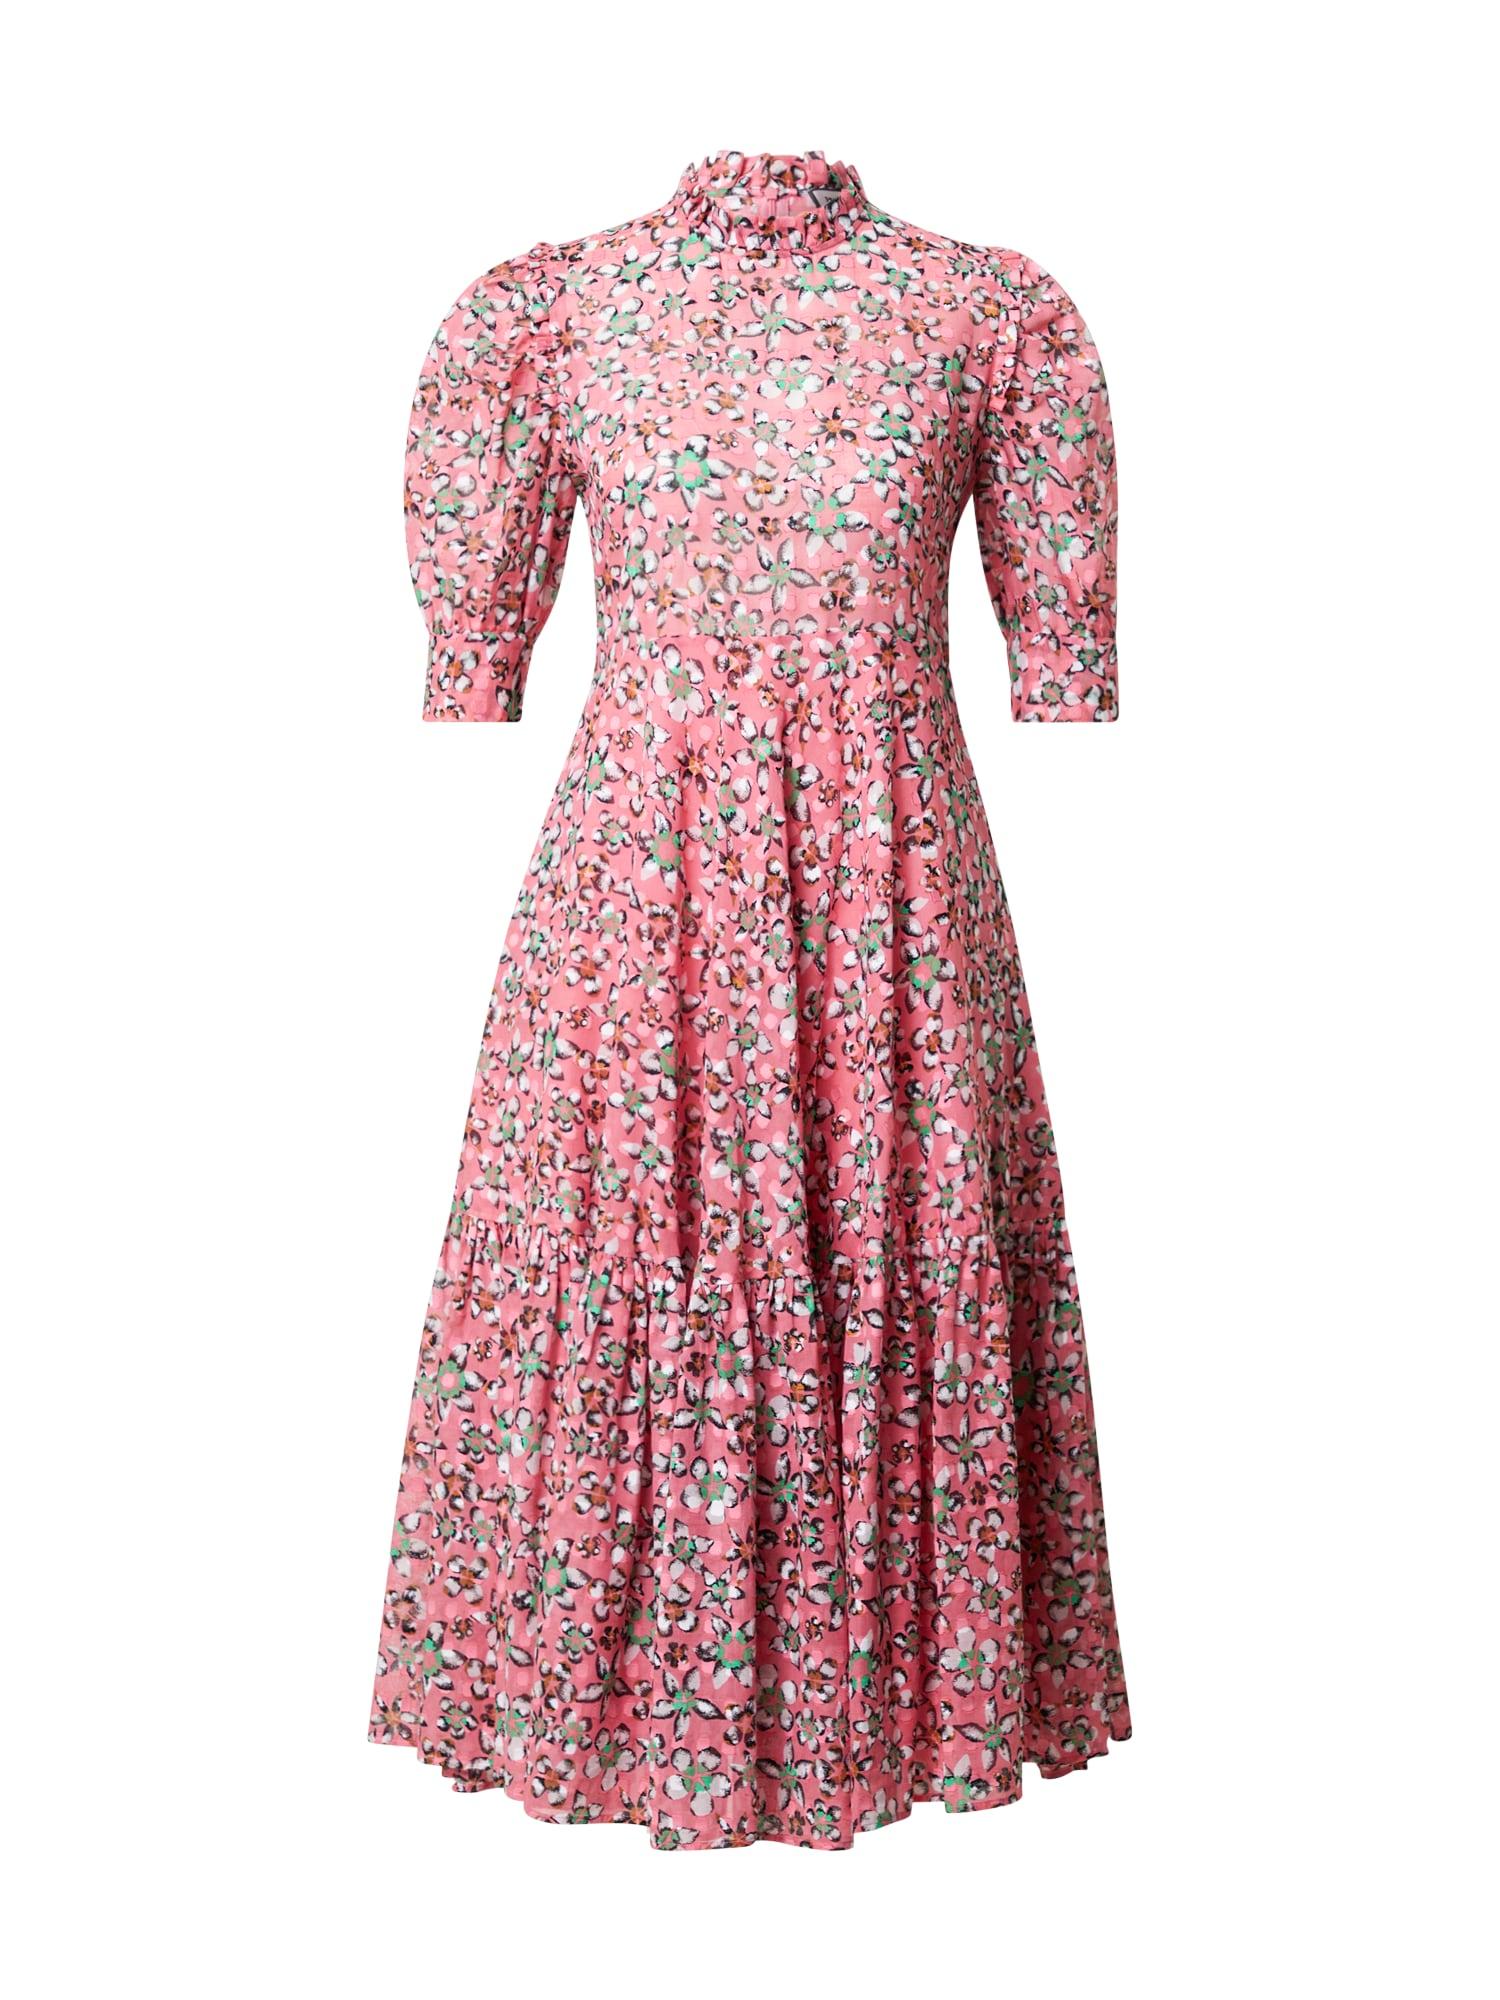 PAUL & JOE Suknelė rožinė / mišrios spalvos